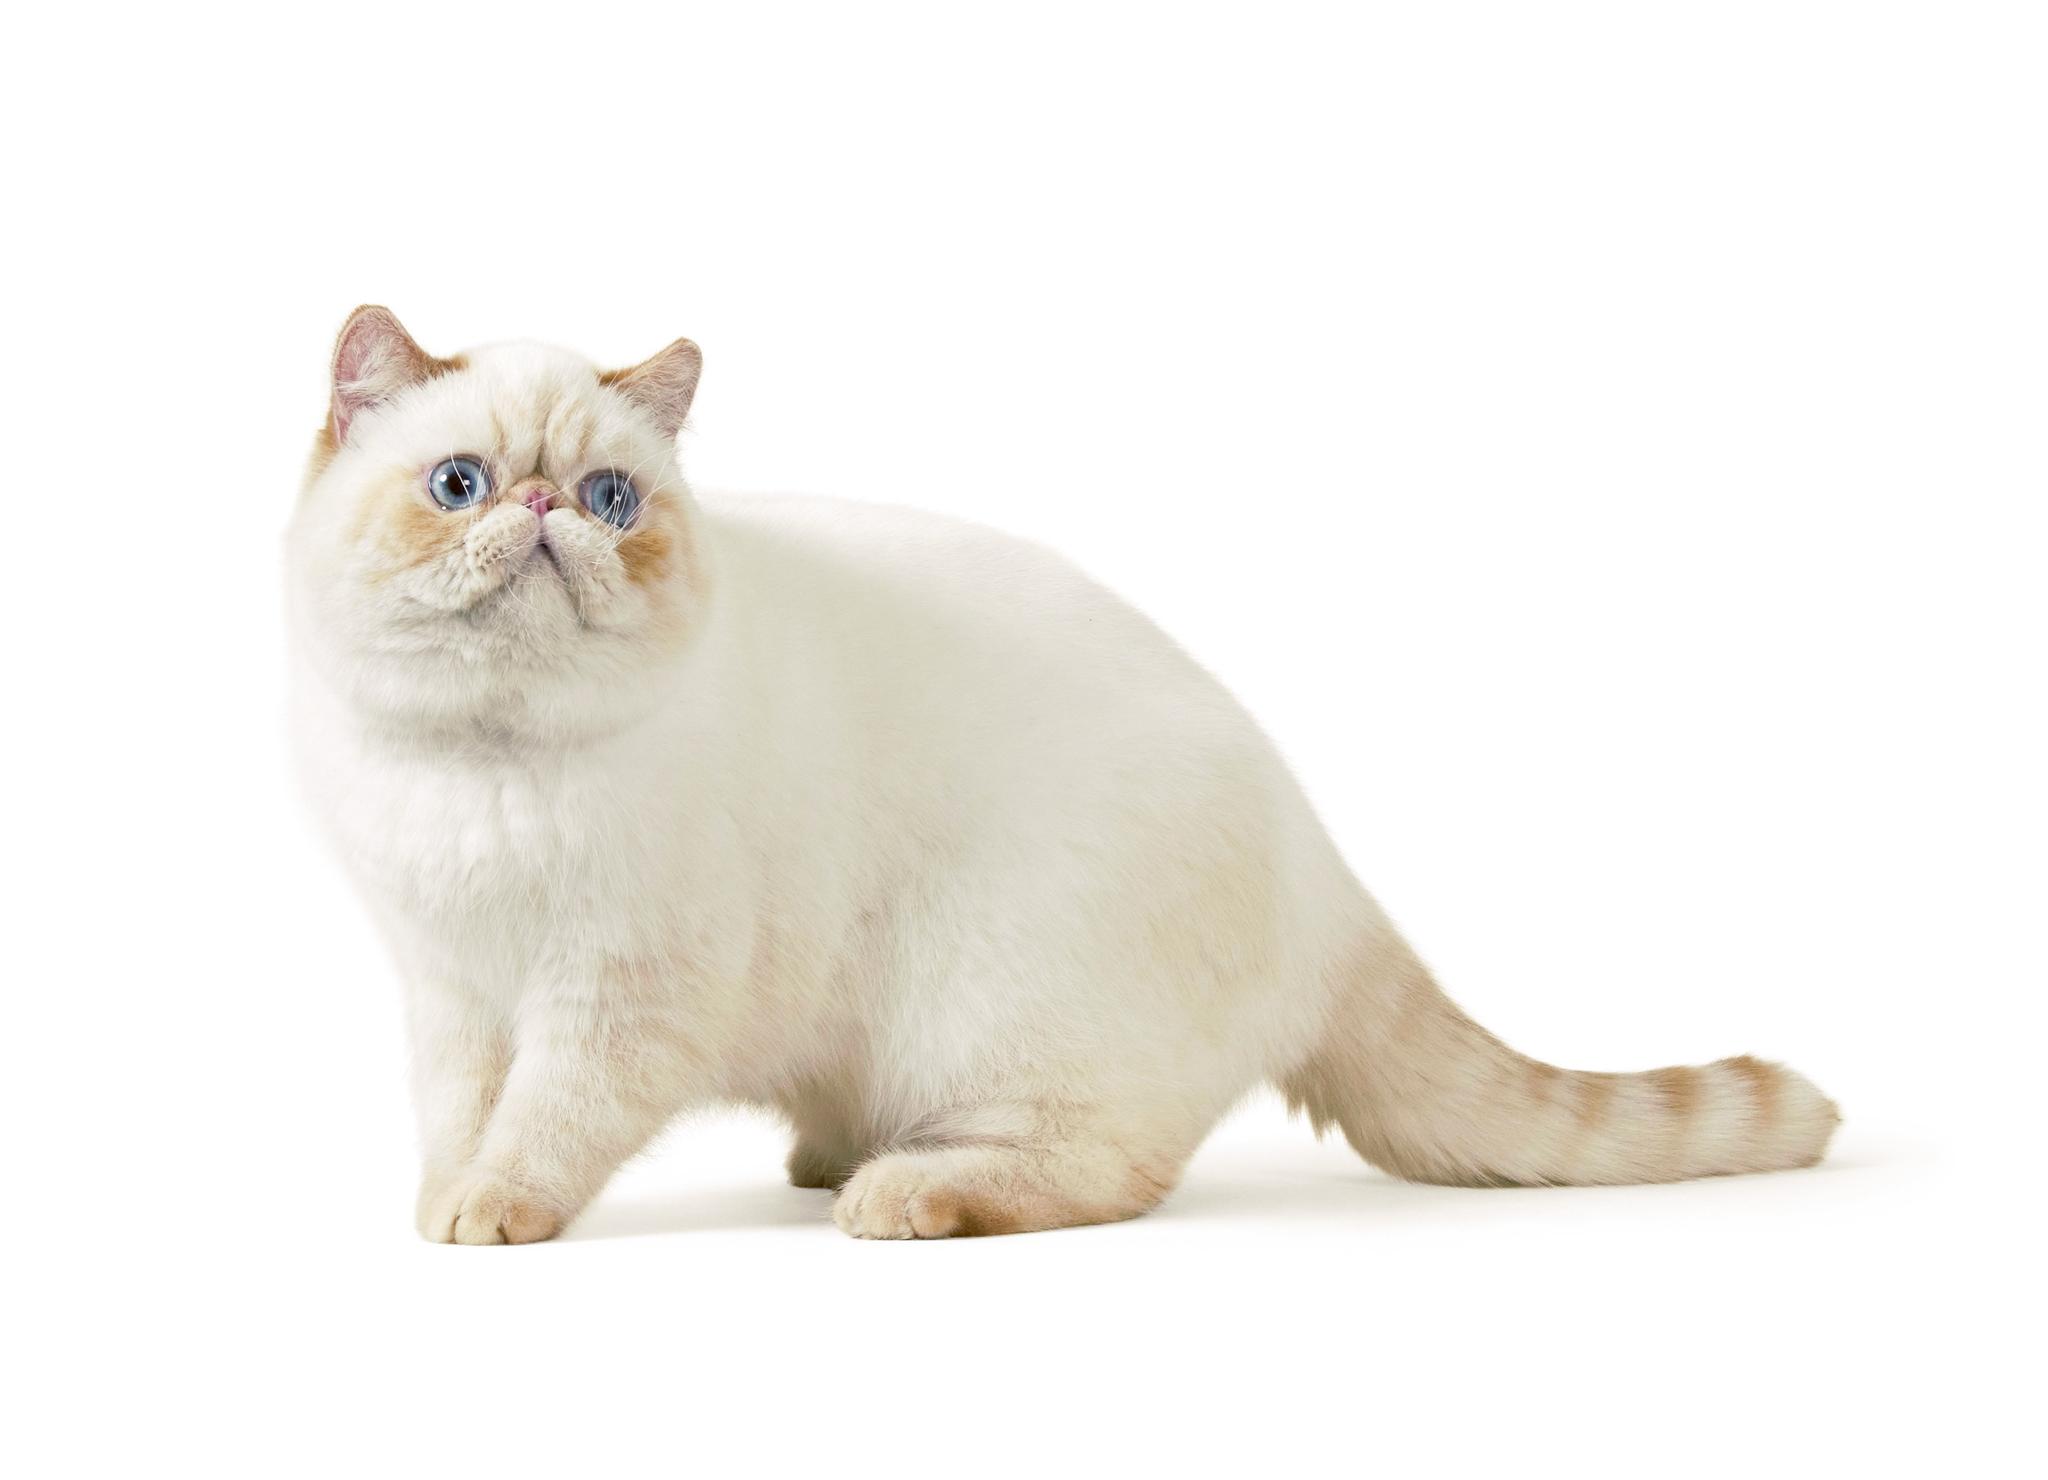 персидский кот короткошерстный